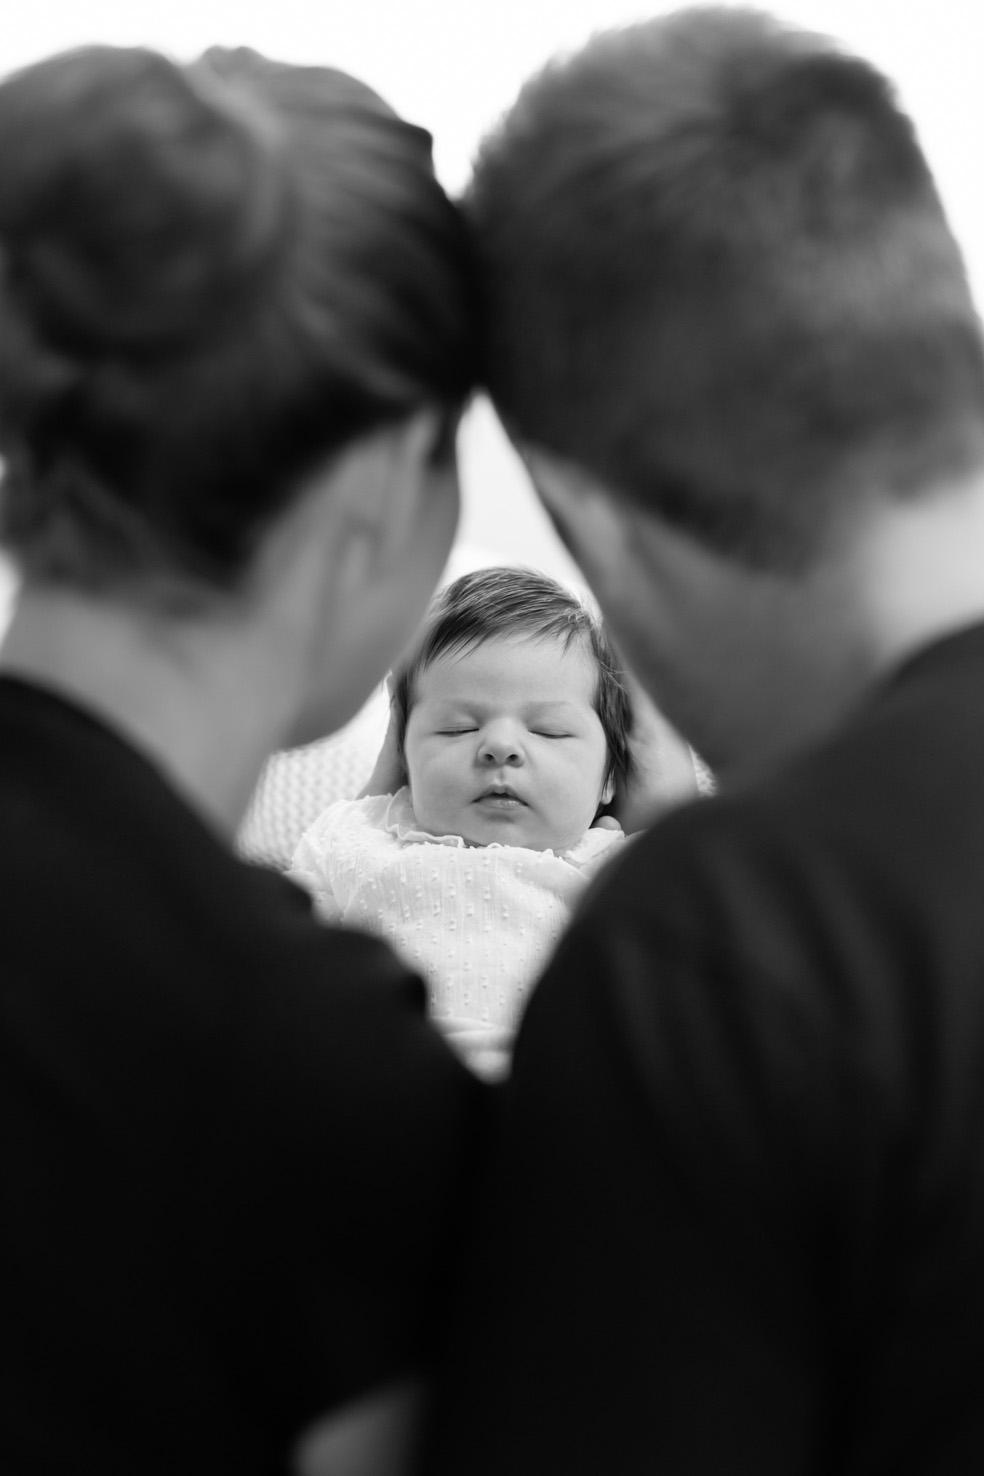 Perhekuvaus newborn-kuvausten yhteydessä